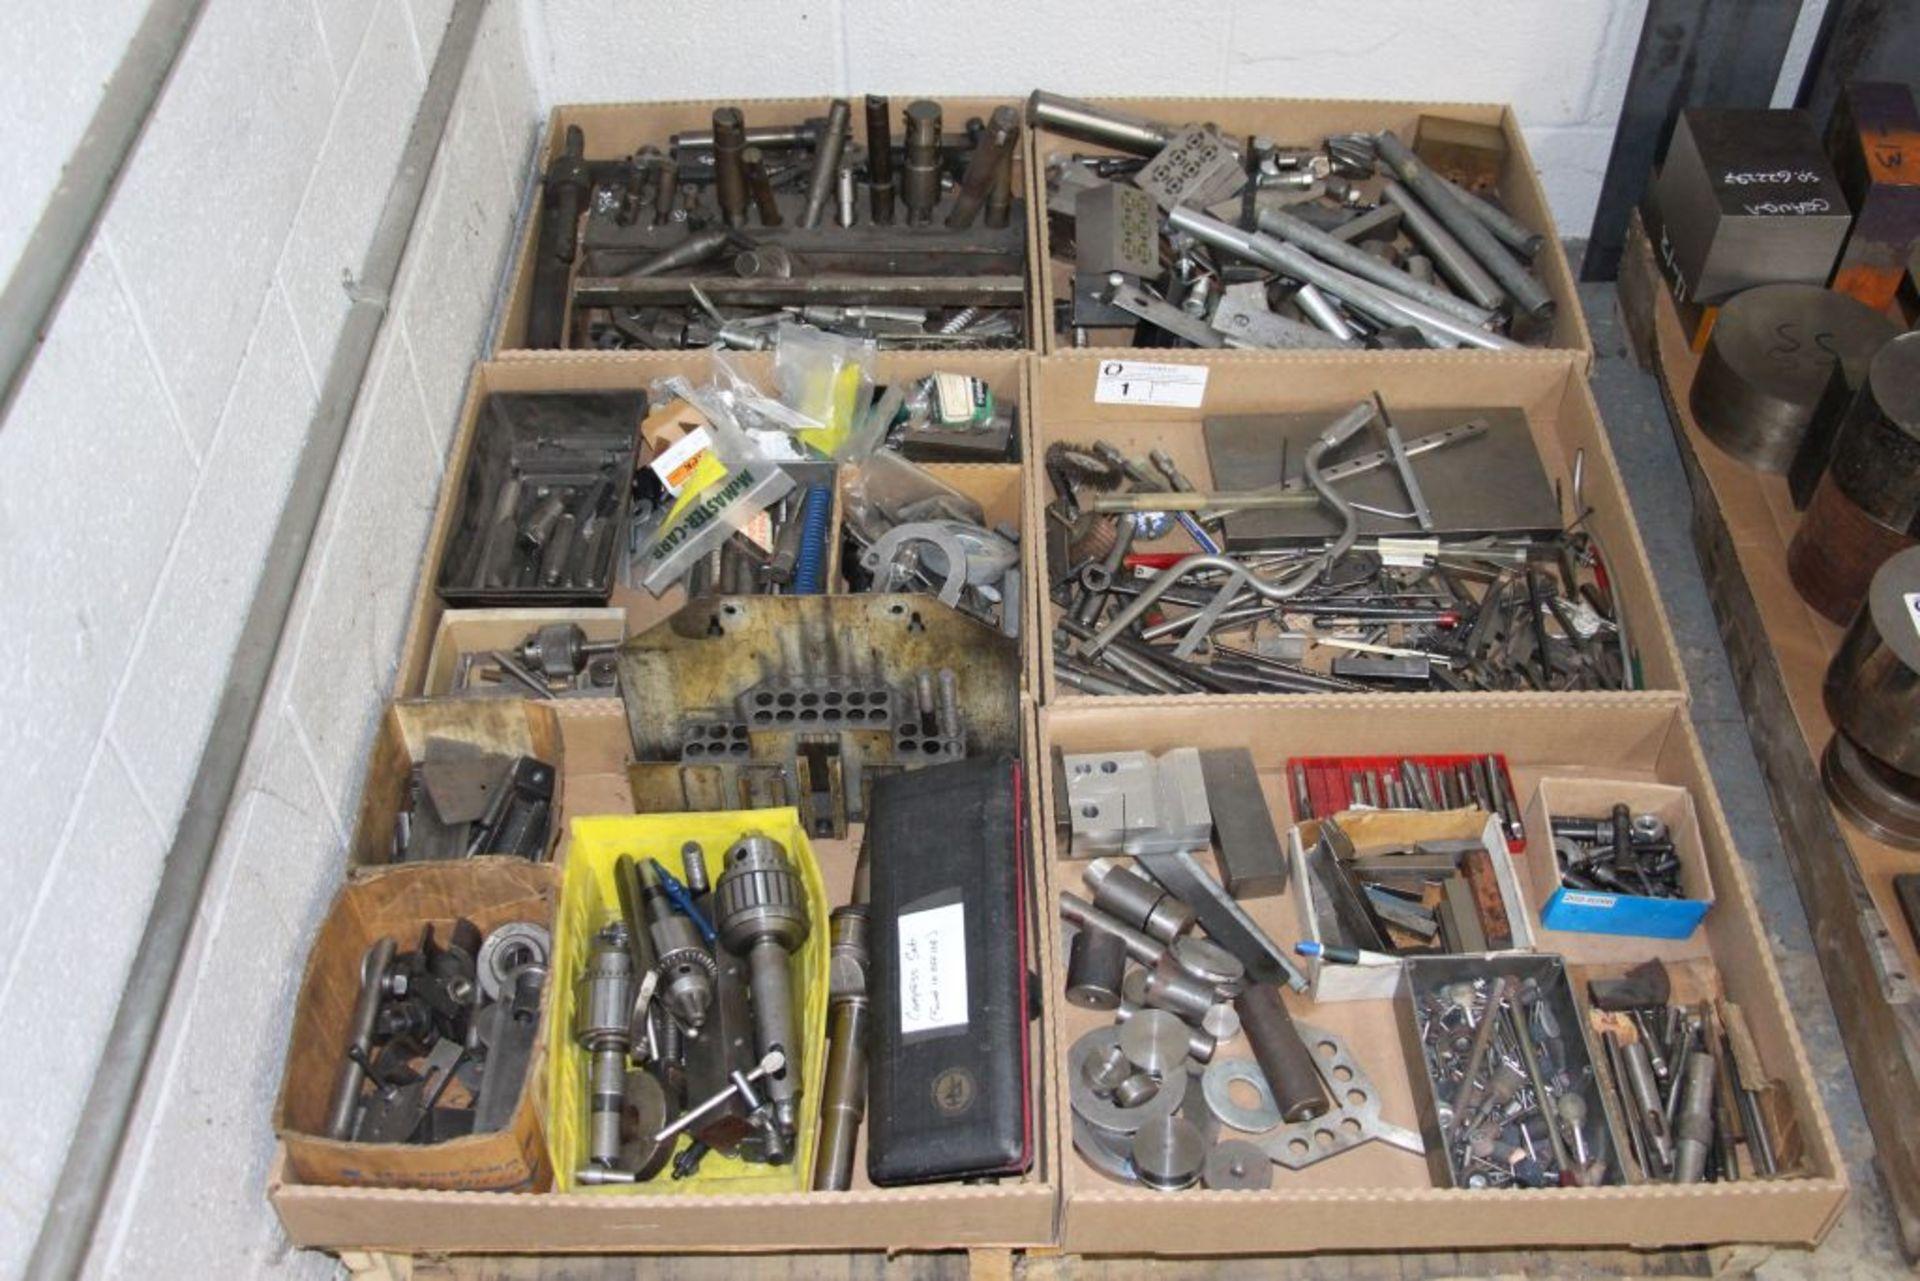 Lot 1 - skid of drills, chucks, tap, end mills & misc